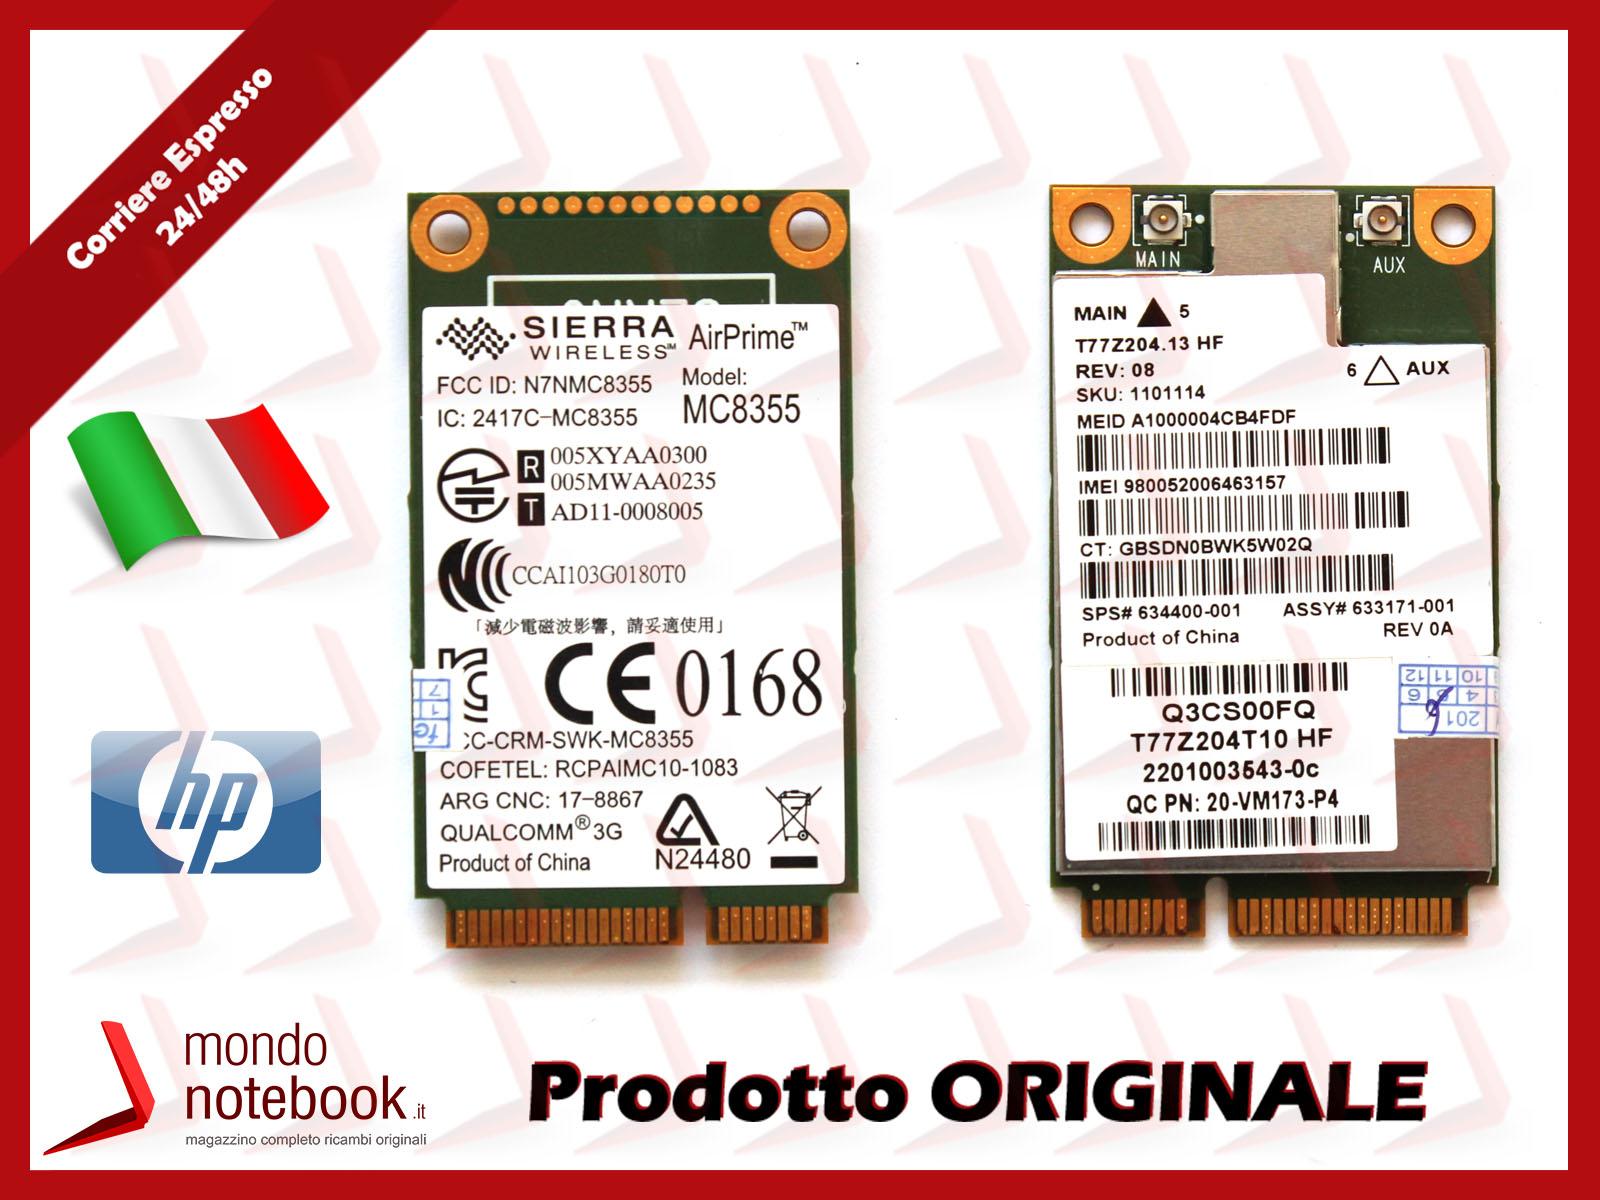 https://www.mondonotebook.it/1052/hp-inc-wwan-g3k-hspa-minicard-hp-3g-card-sierra-wireless-cdma-gps-gobi3000-hspa-mc8355.jpg